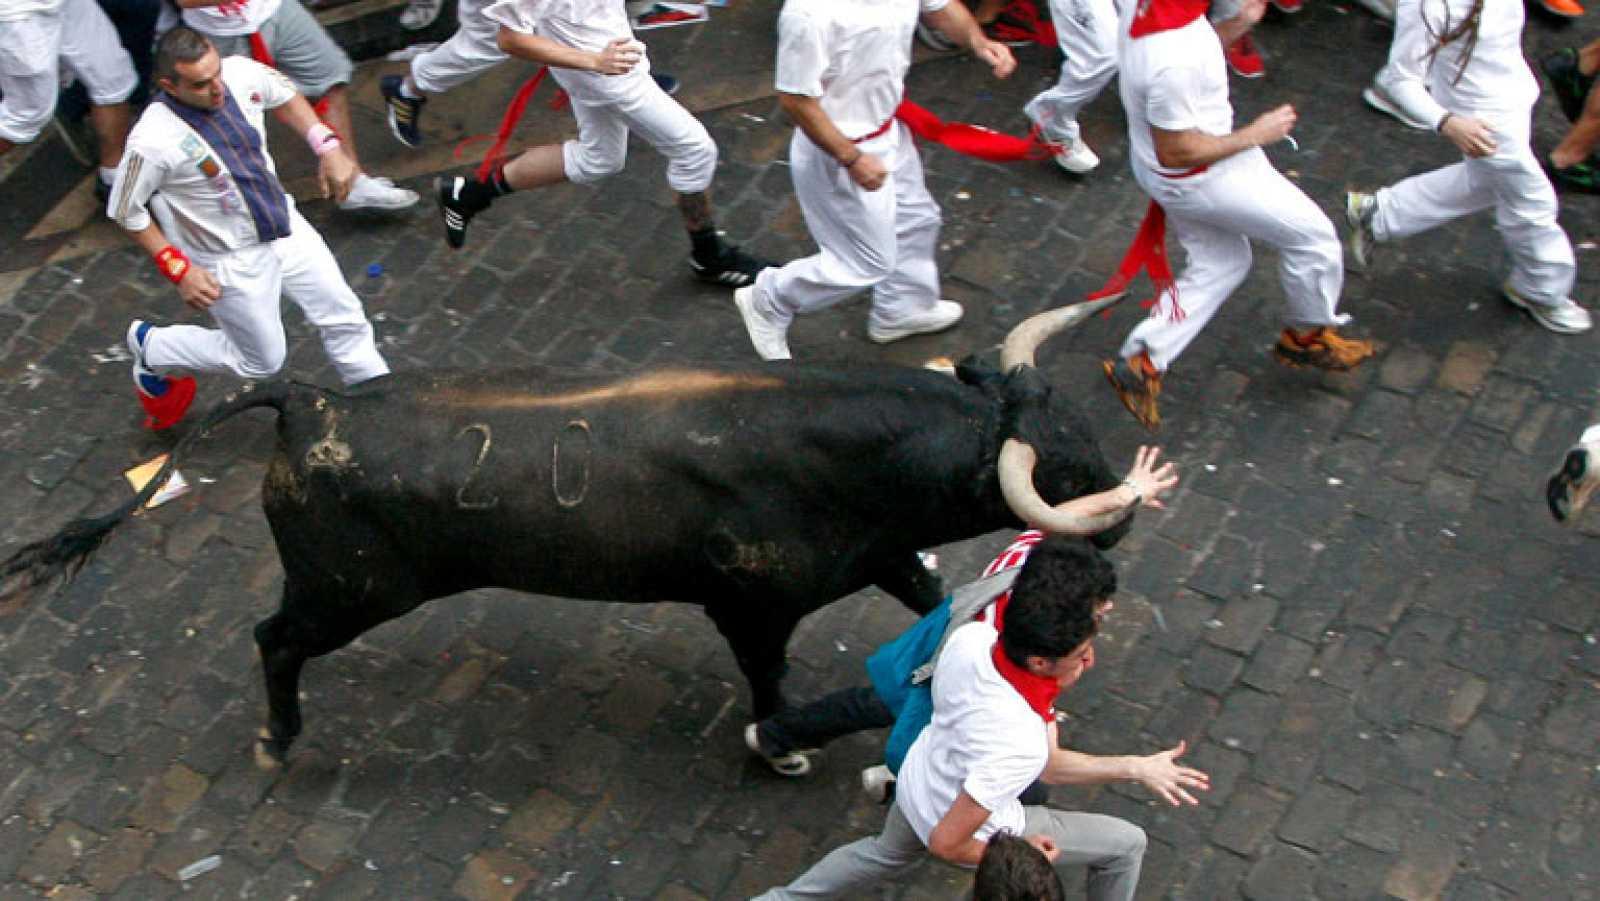 Rapidsímo y muy peligroso segundo encierro de San Fermín 2012, de Miura